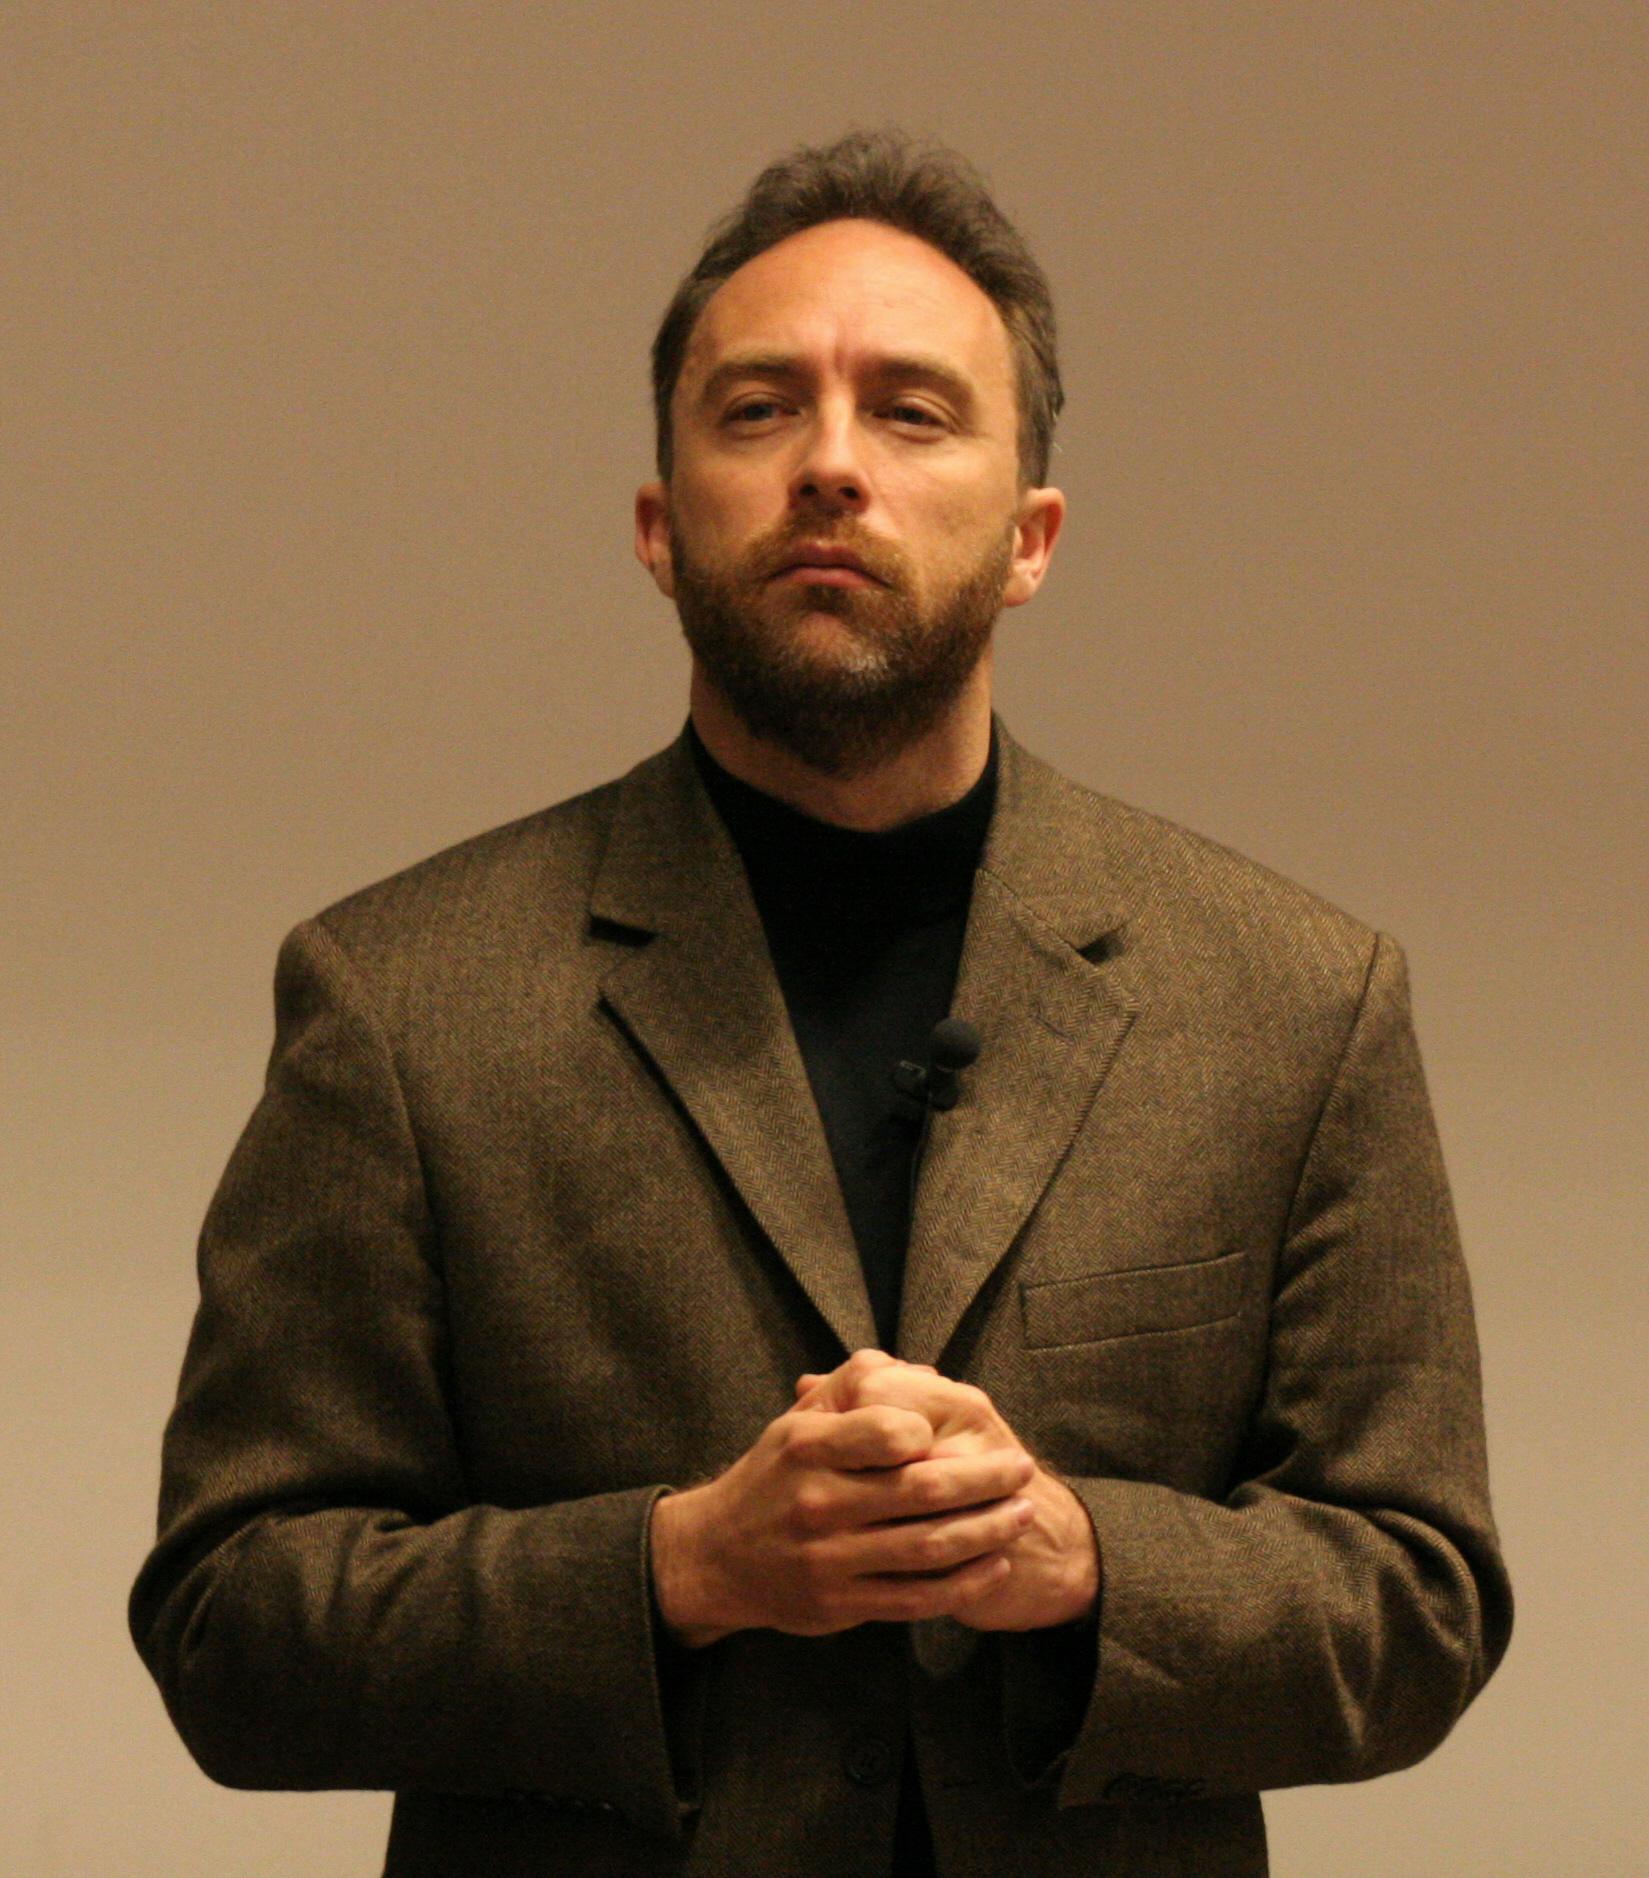 Peut-on faire confiance à Wikipédia ? - Jimbo Wales - https://fr.wikipedia.org/wiki/Jimmy_Wales#/media/Fichier:Jimbo-wales---fosdem-2005.jpg